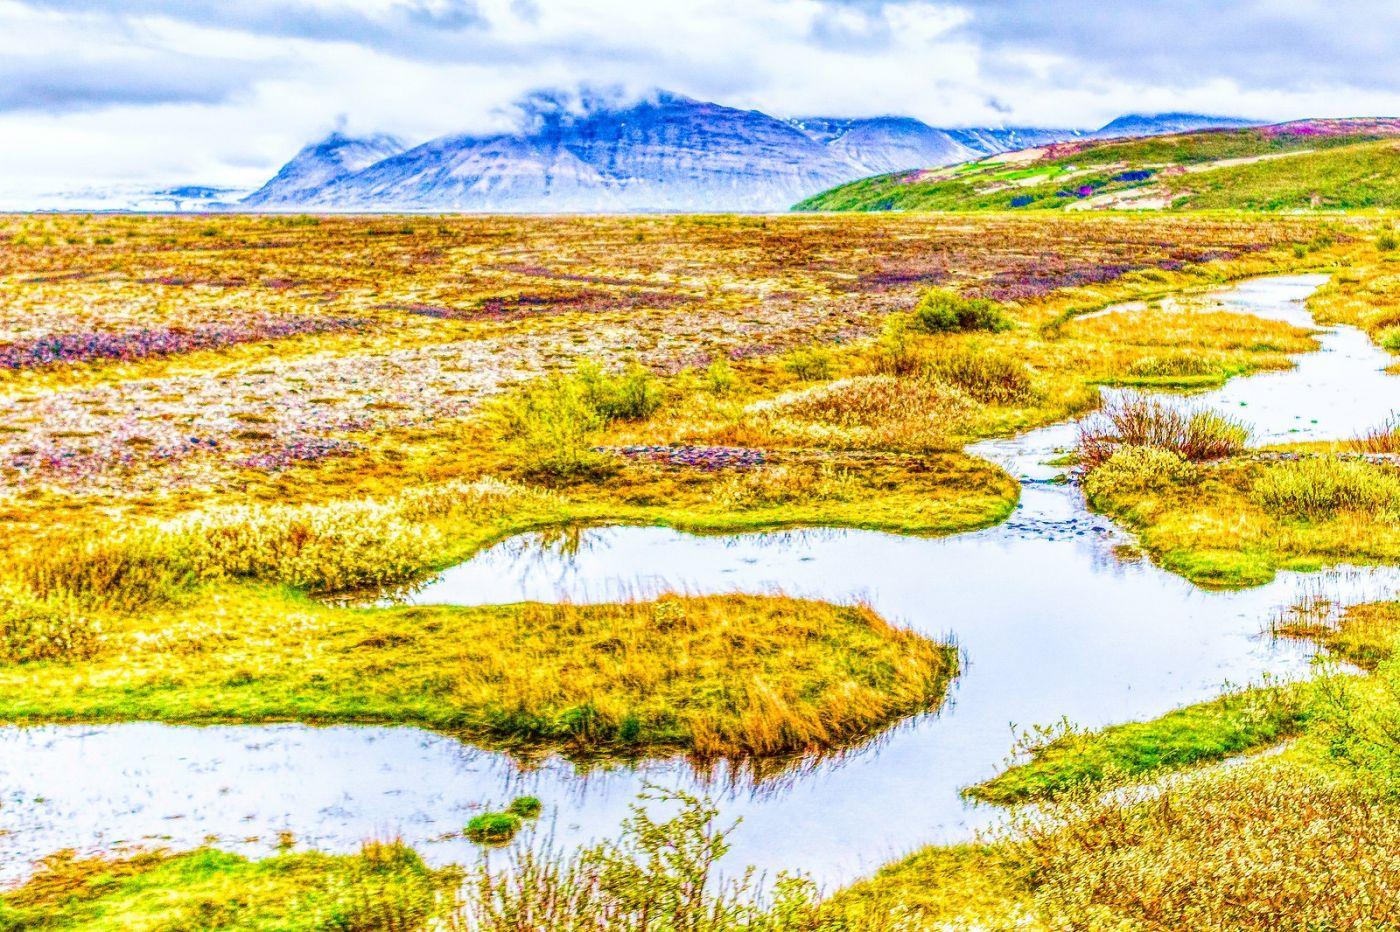 冰岛风采,延伸视野_图1-9